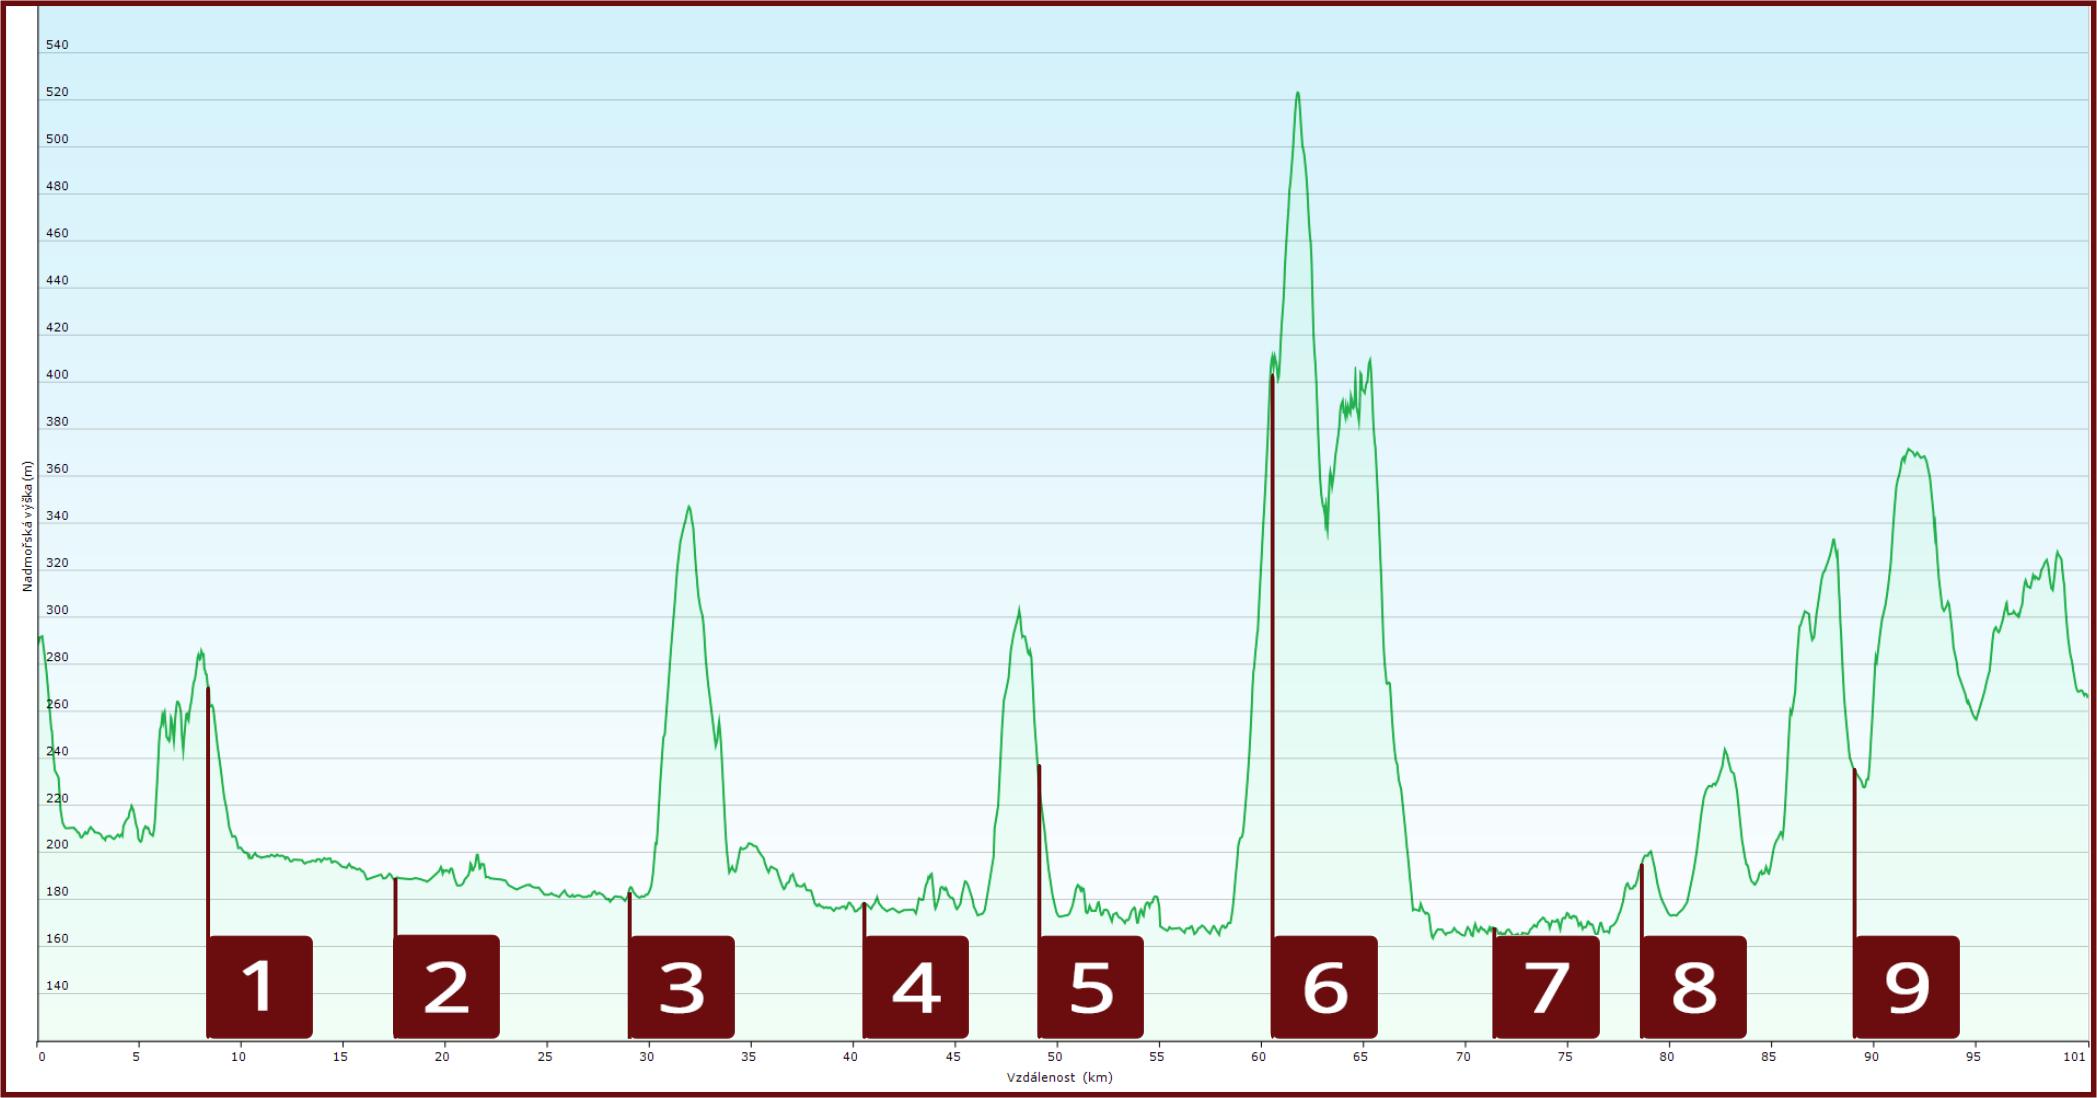 Výškový profil trasy 2015